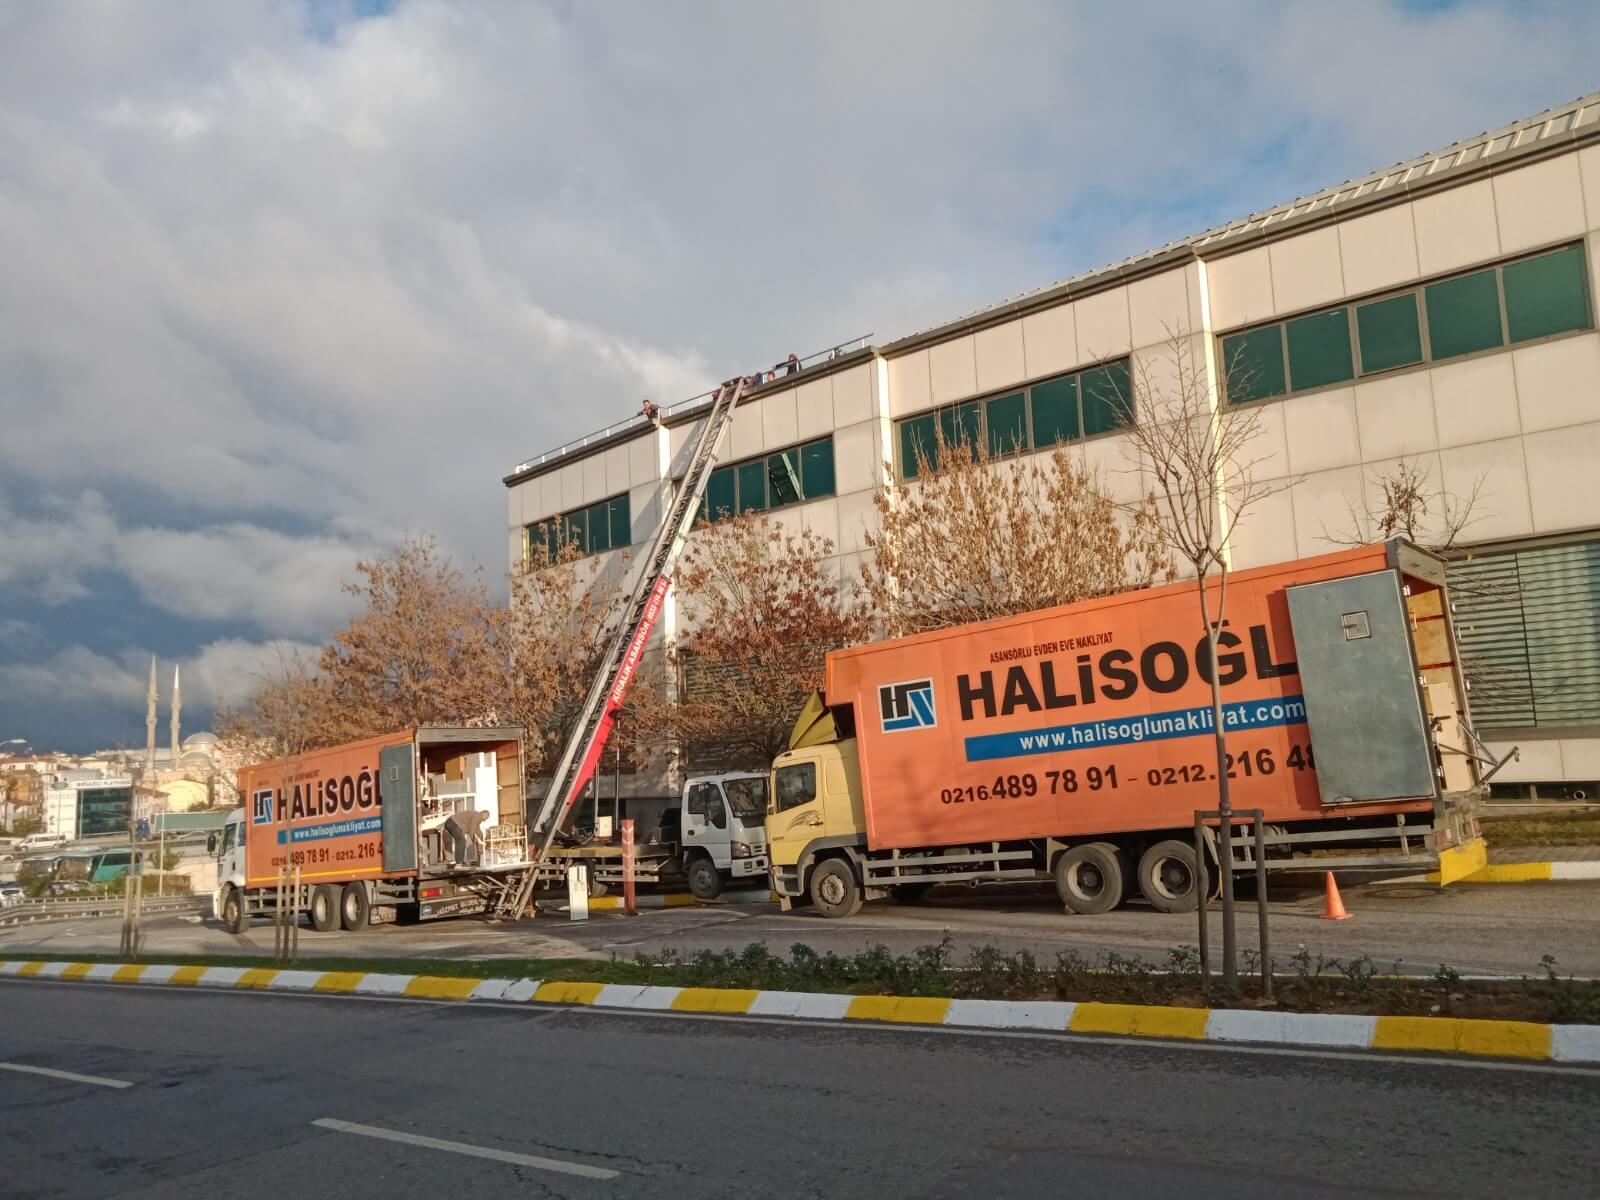 istanbul kurumsal taşımacılık